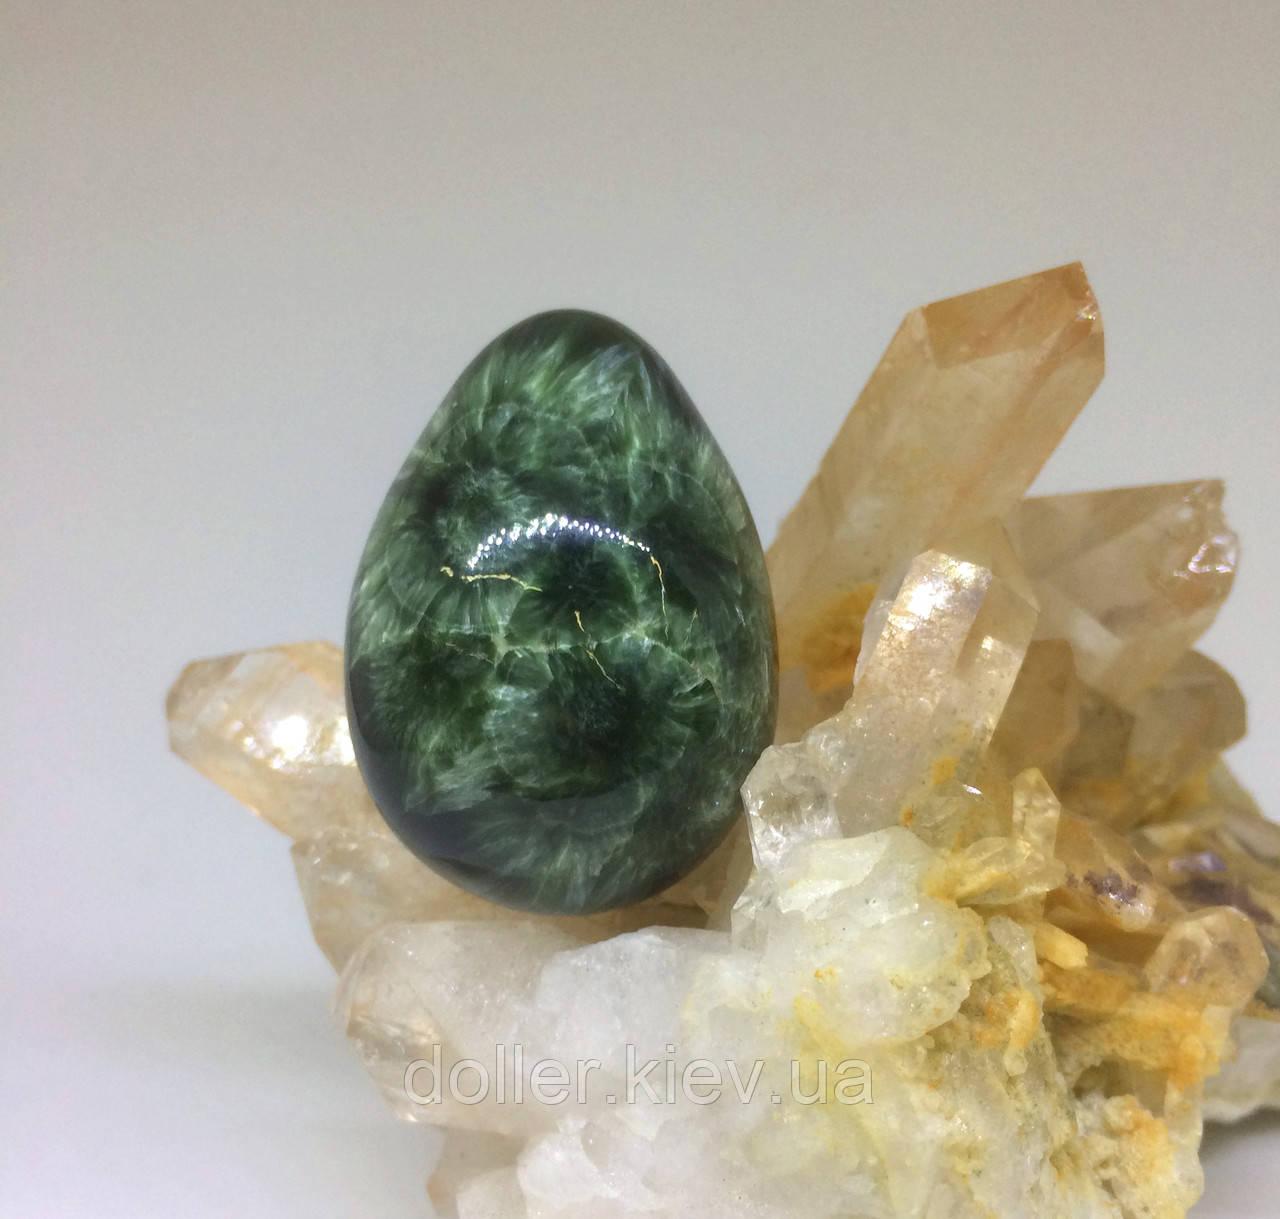 Яйцо из ангельского камня Серафинит